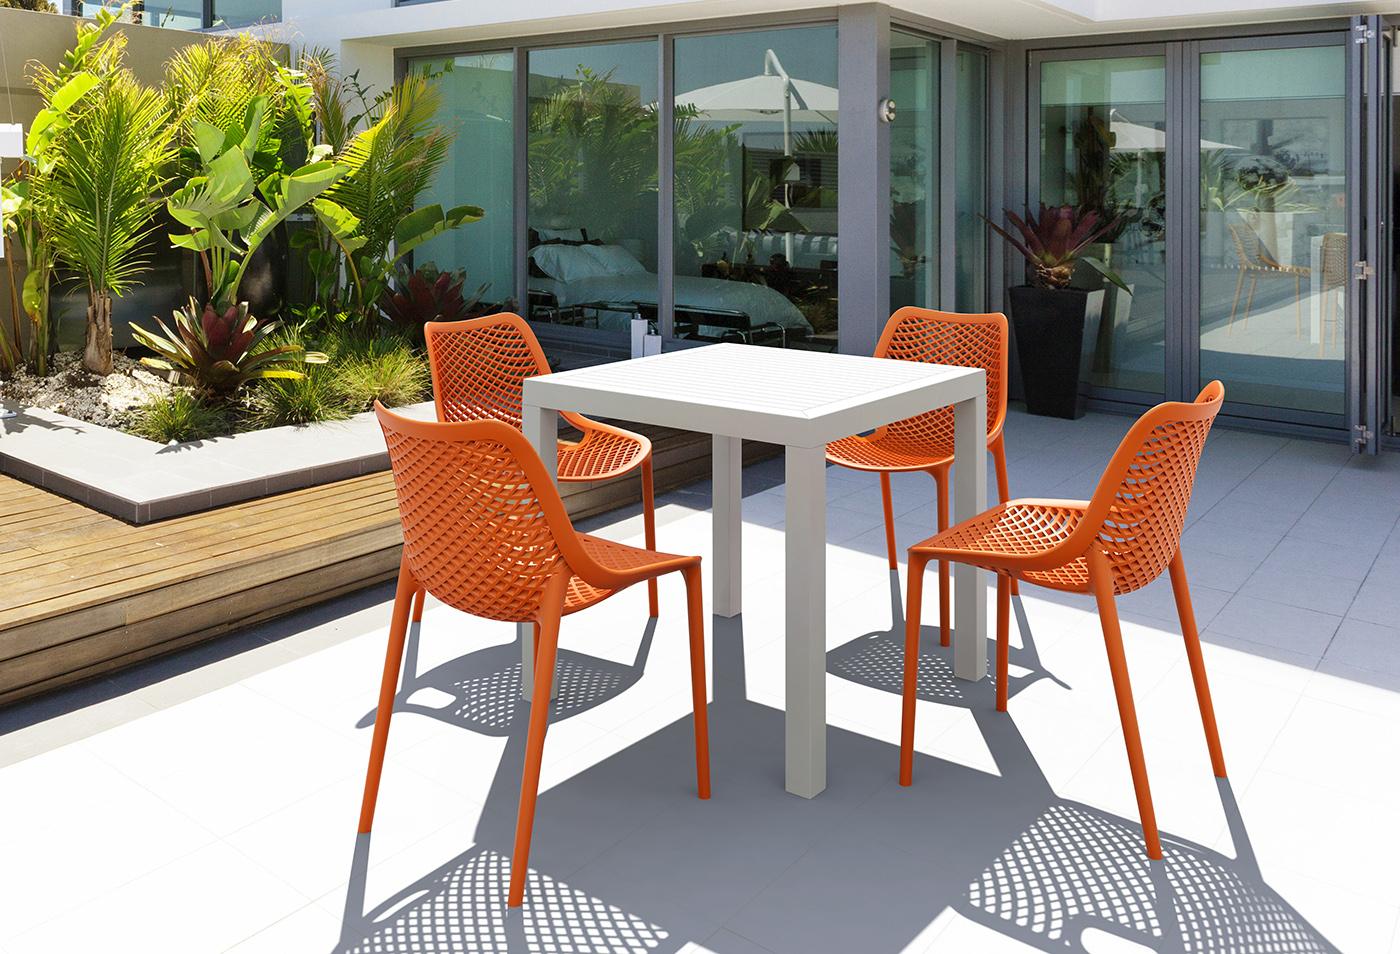 Diy : Comment Peindre Votre Salon De Jardin En Plastique ... pour Table Et Chaise De Jardin En Plastique